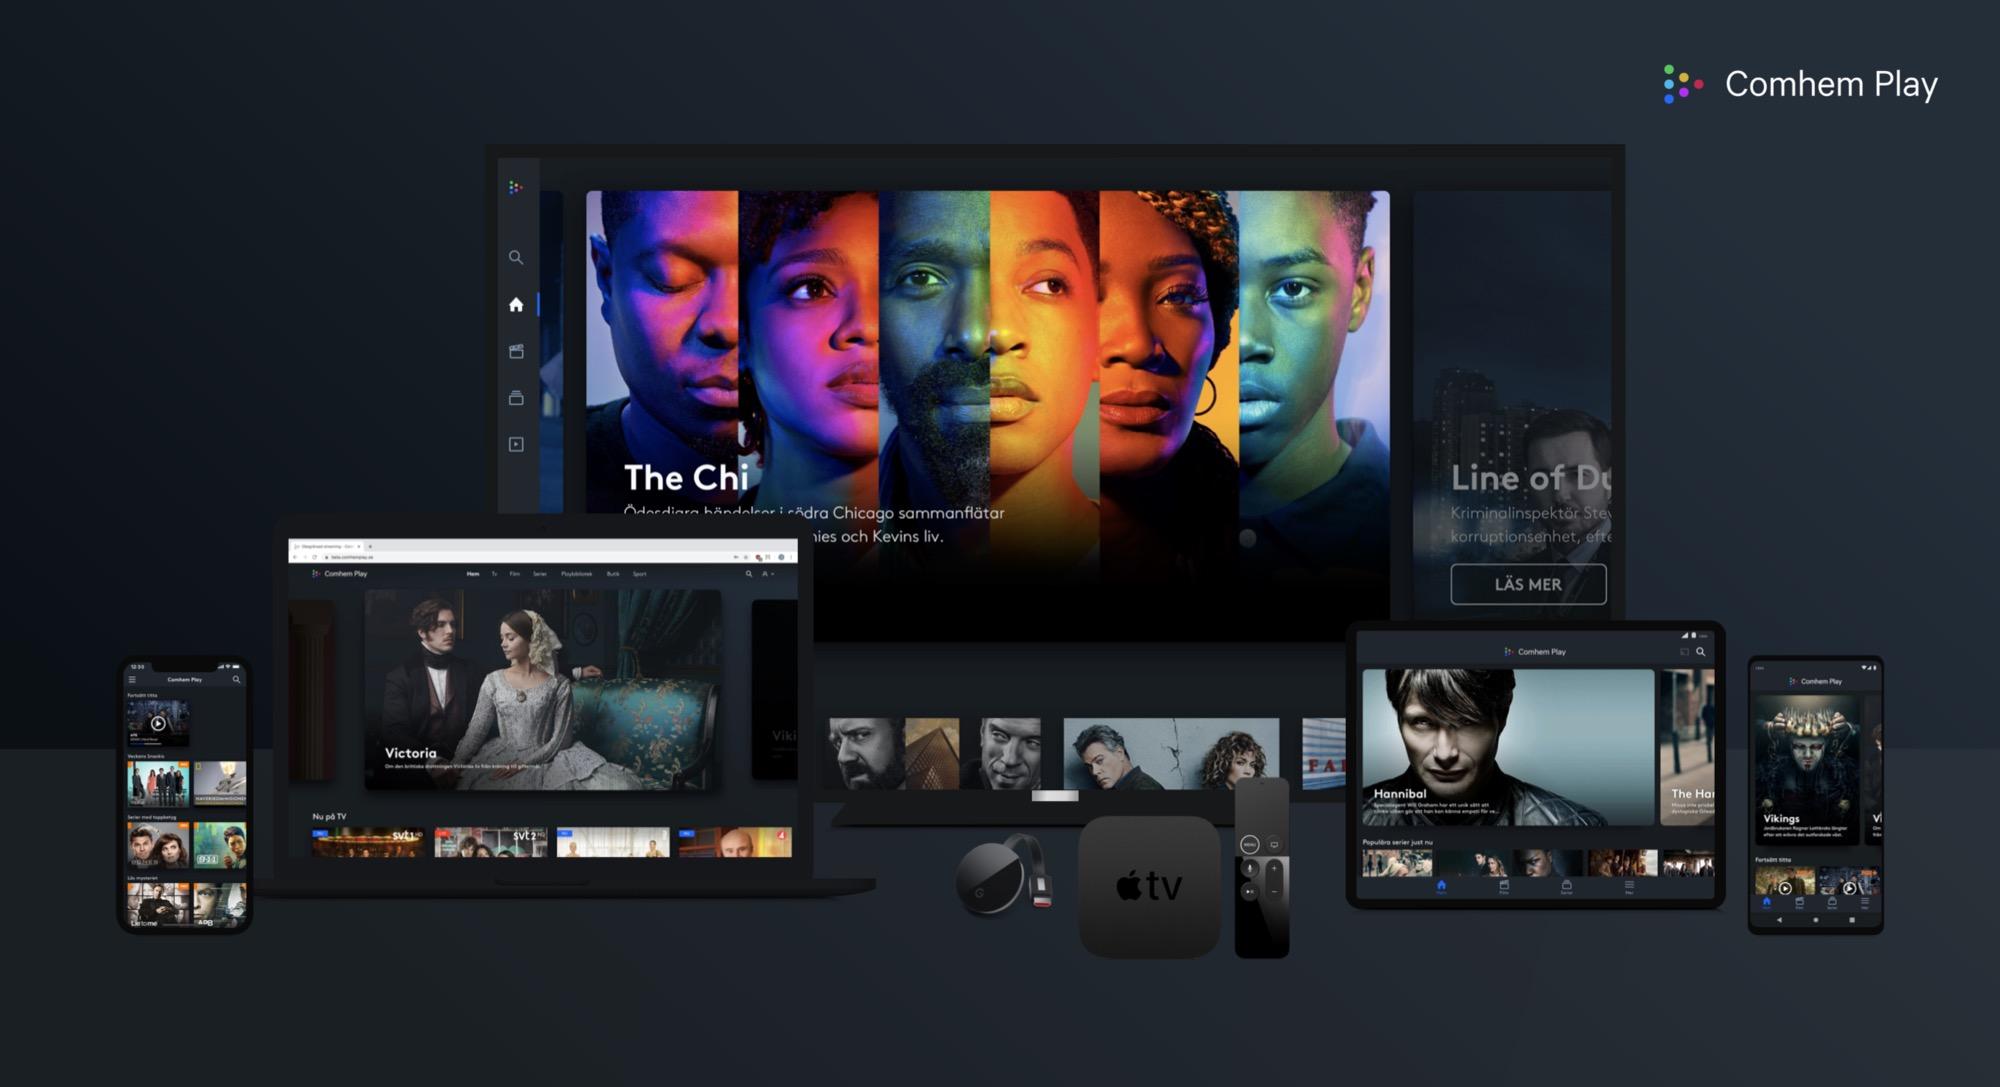 Tele2 och Comviqs kunder får gratis Comhem Play+ i ett år Kinnevik-företag bjussar andra Kinnevik-företag på streaming